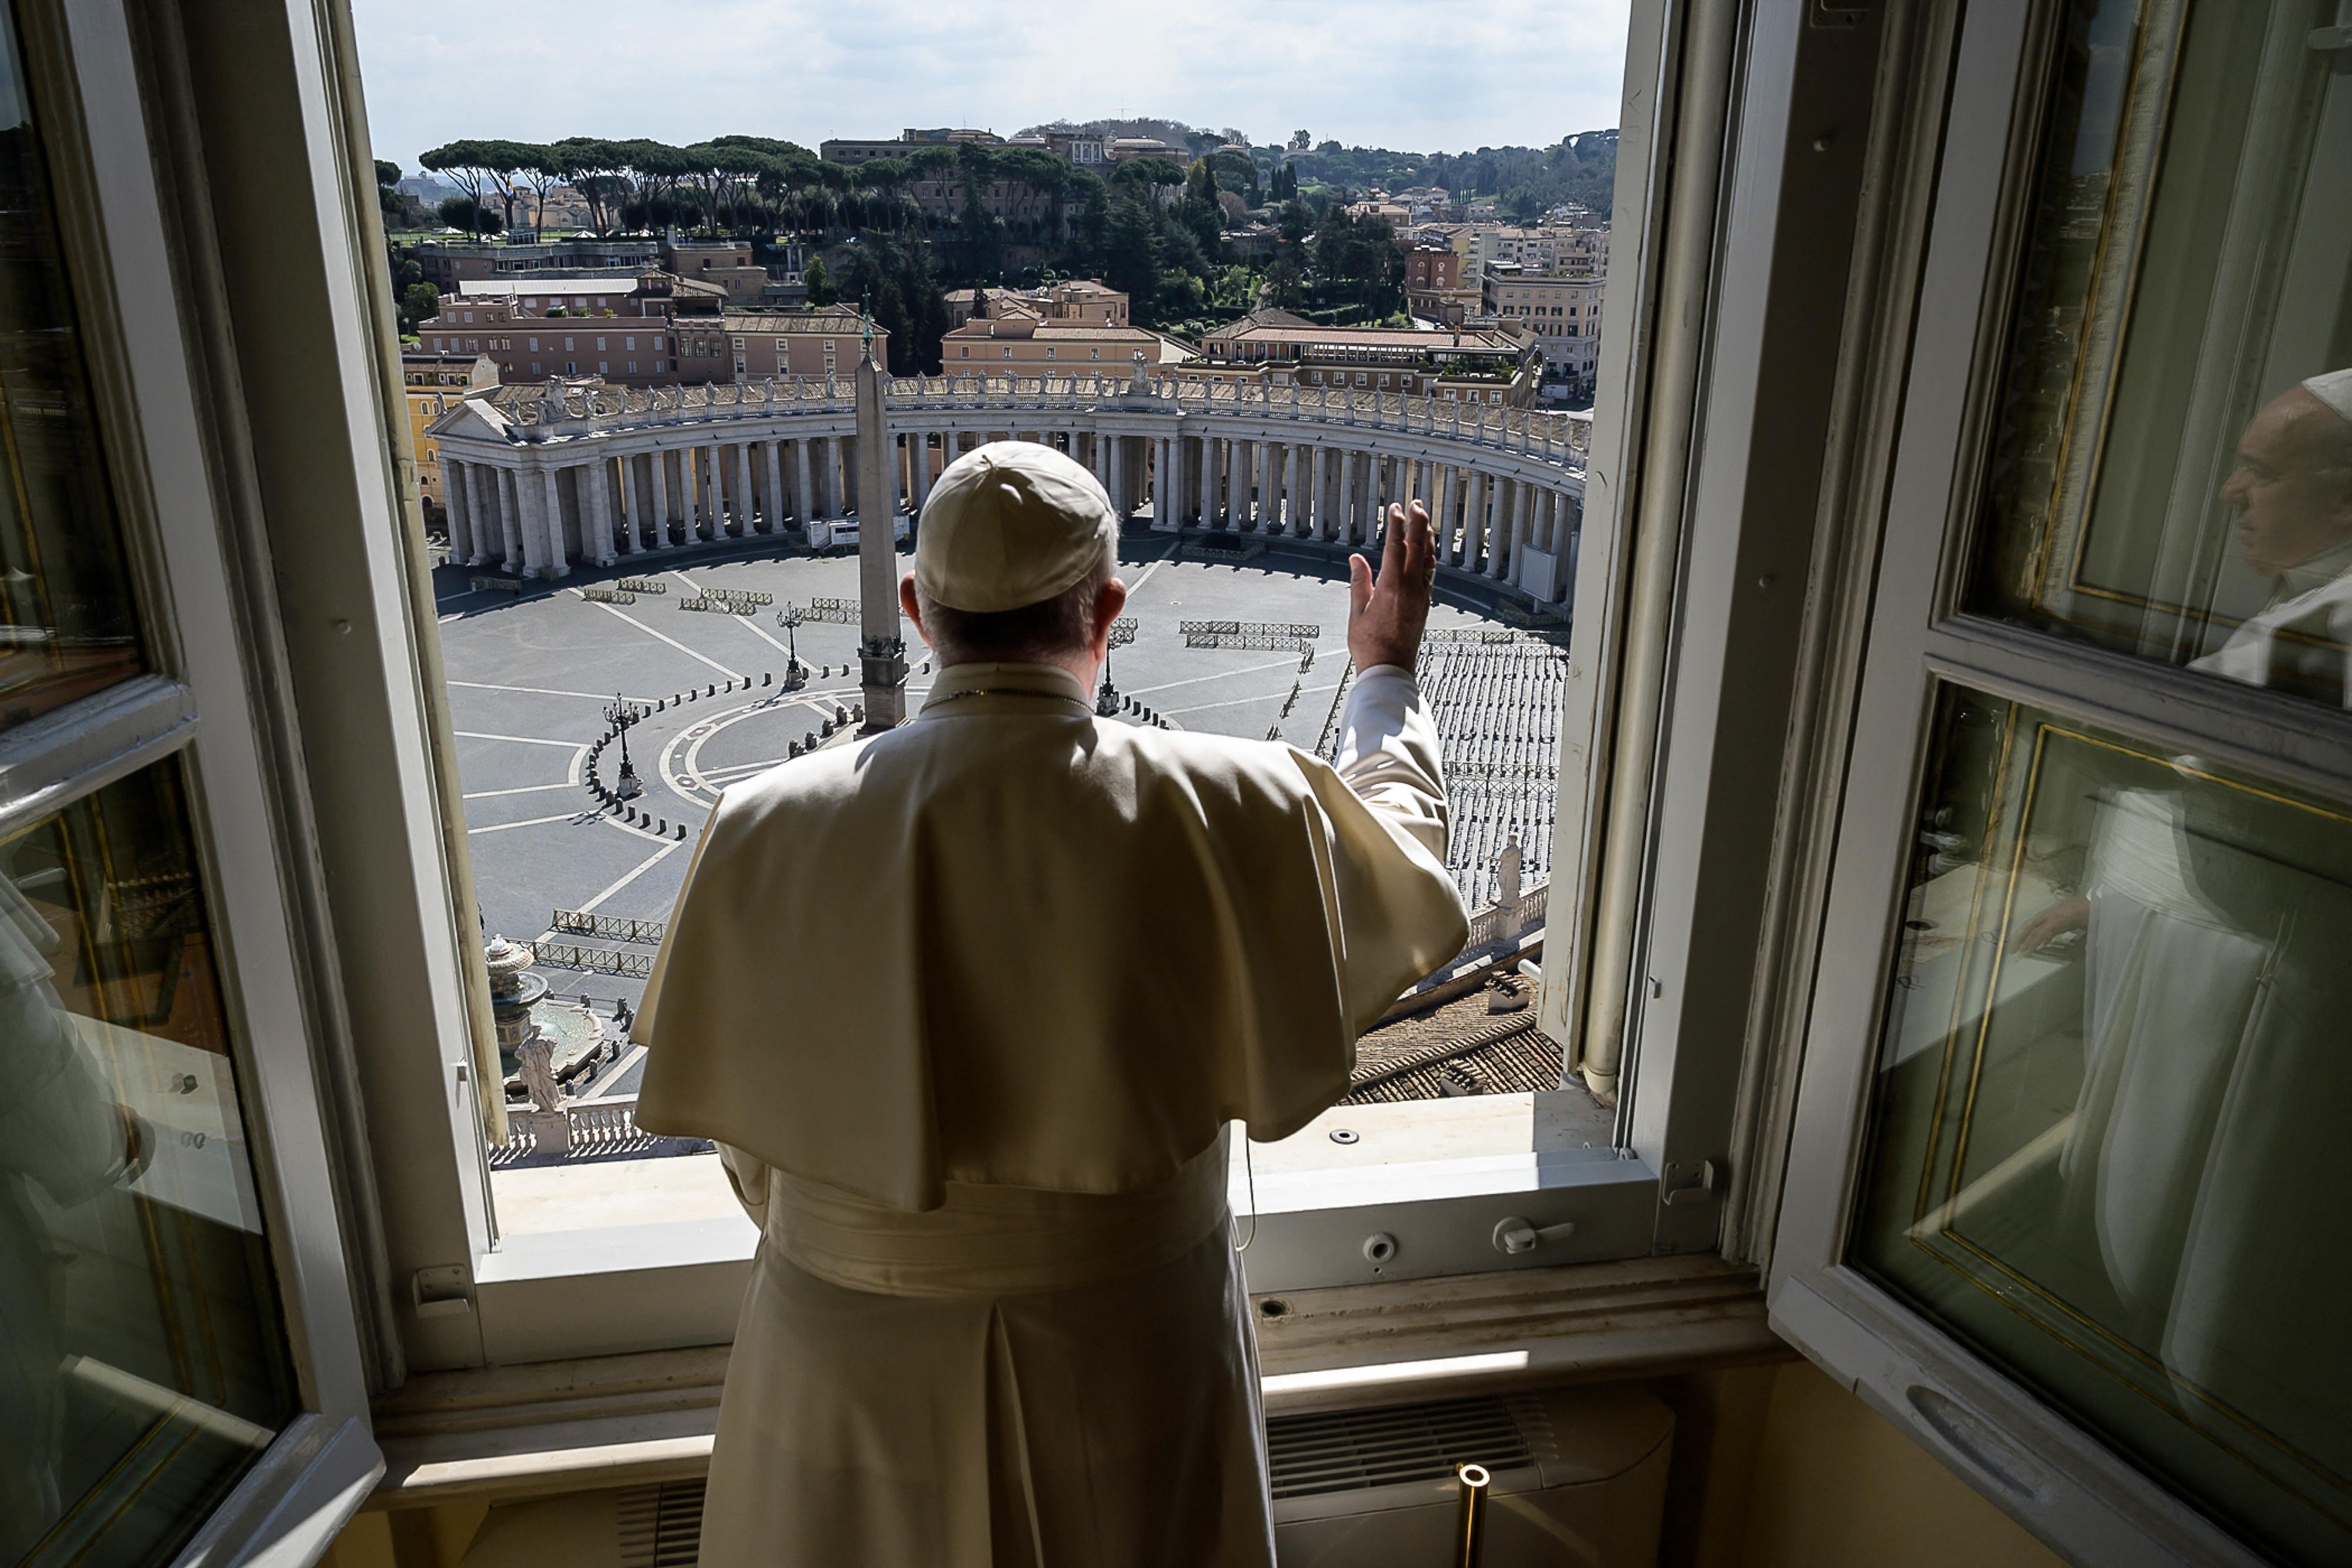 Kirúgás jár a Vatikánban azoknak, akik nem oltatják be magukat